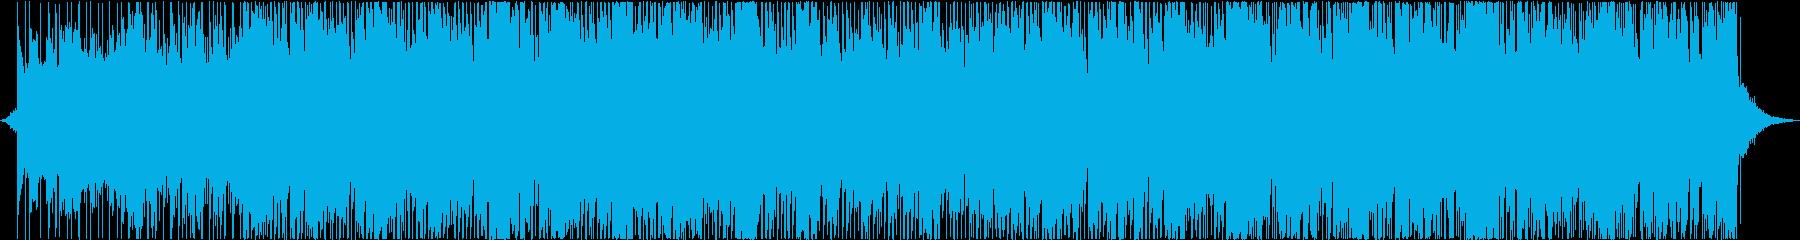 未来的で現代的な音楽の再生済みの波形